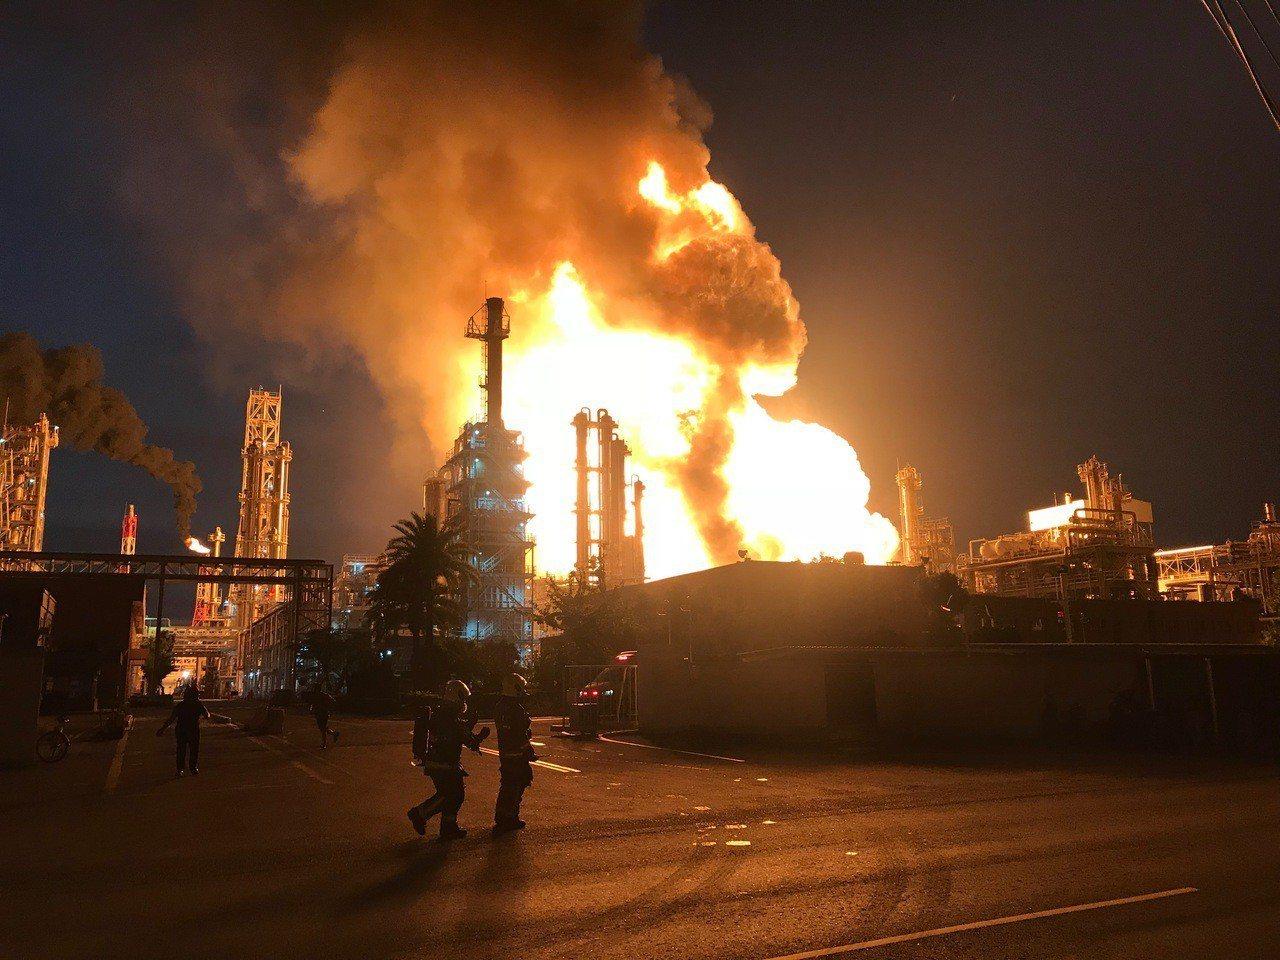 高雄市林園區林園工業區工業二路的台灣石化公司廠區傳出火警。圖/高雄市環保局提供